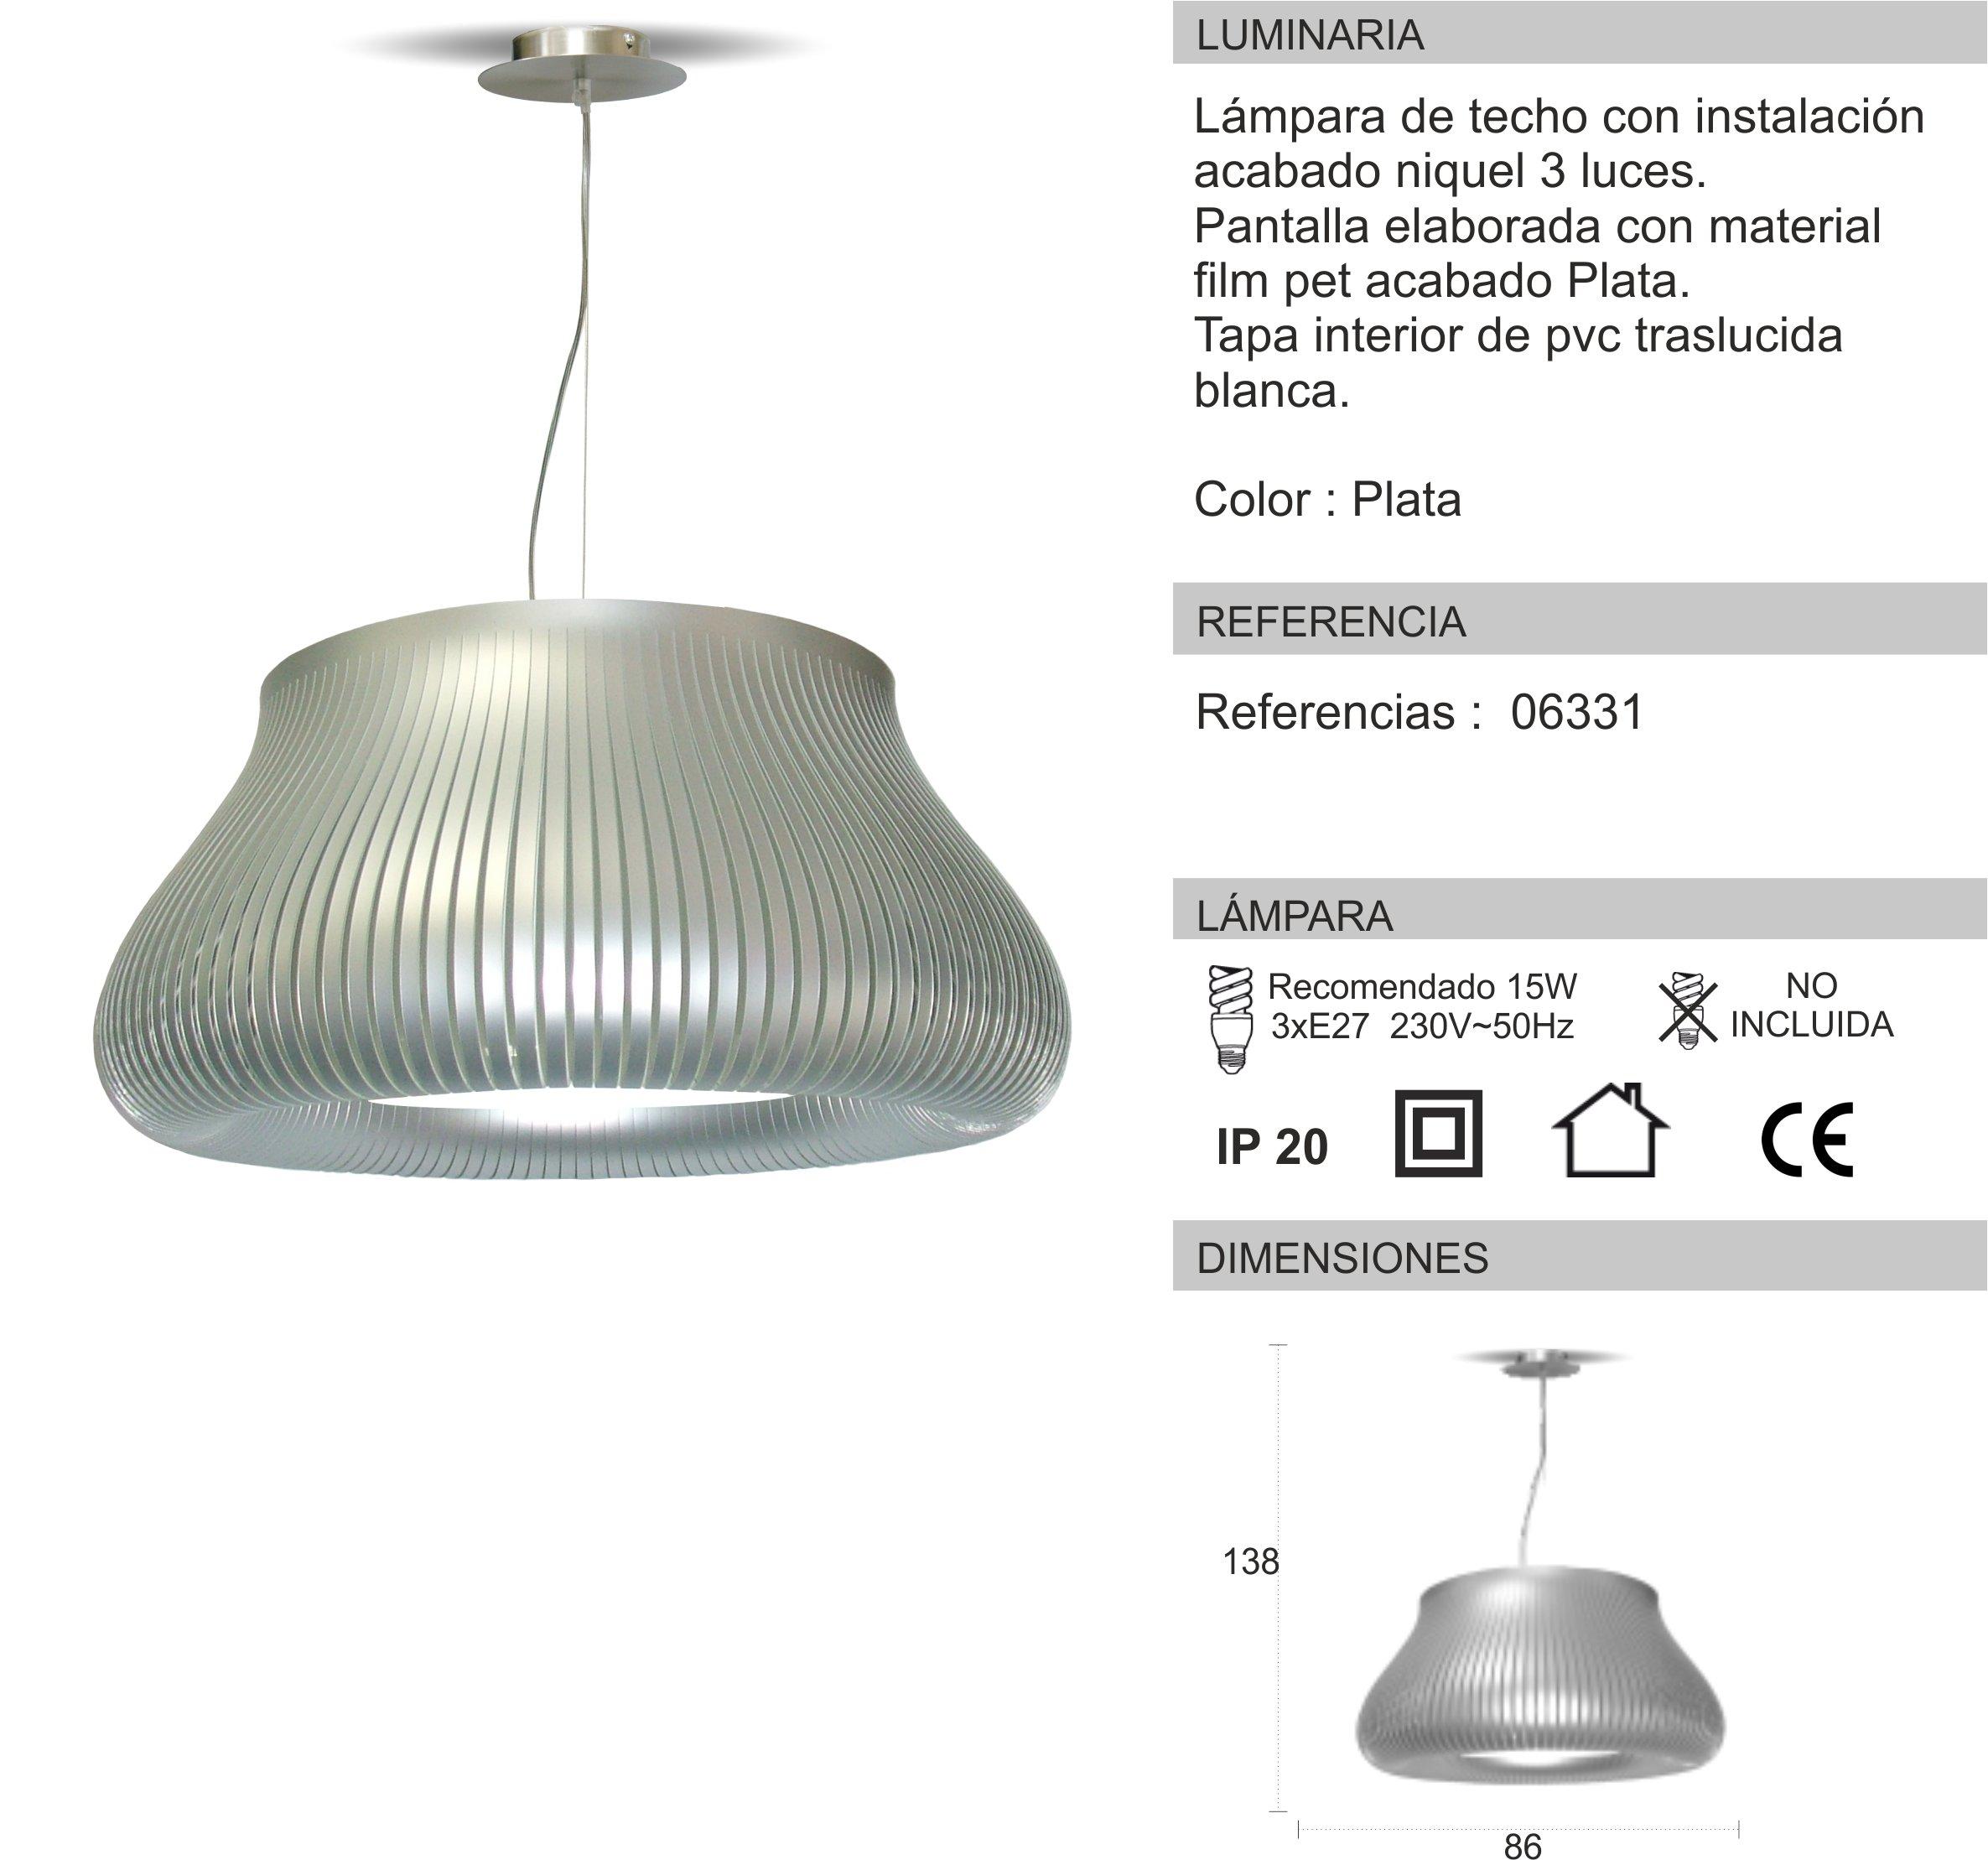 Instalar lampara de techo finest moderno negro geomtrico - Instalar lampara techo ...